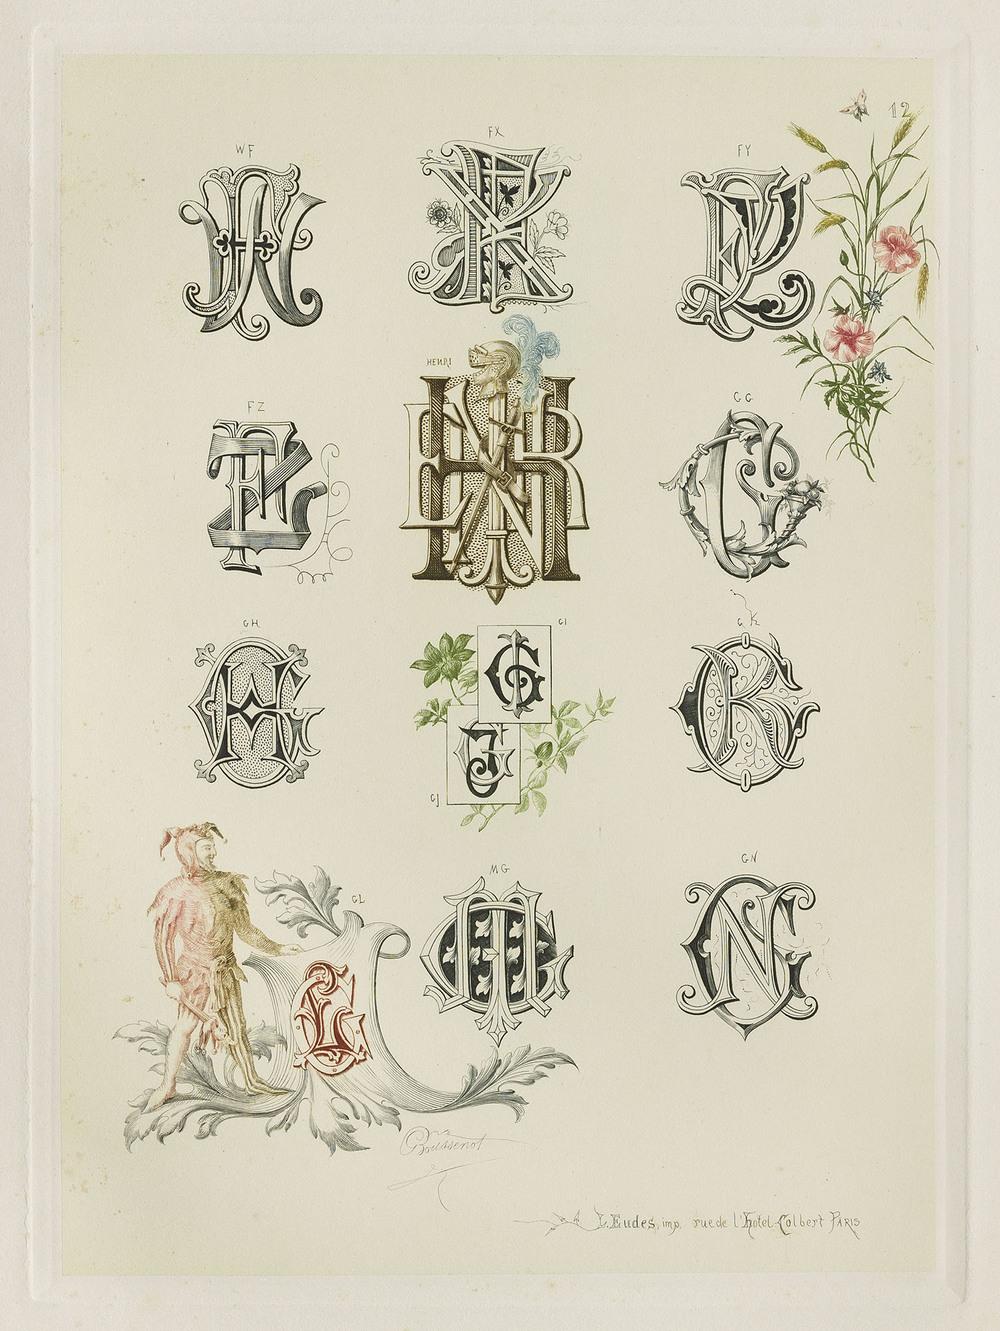 Detail of plate, Gustave Boussenot, Chiffres & Monogrammes et Suite de Compositions Decoratives de Styles et de Fantaisies , Paris, circa 1880, 22 x 30 cm